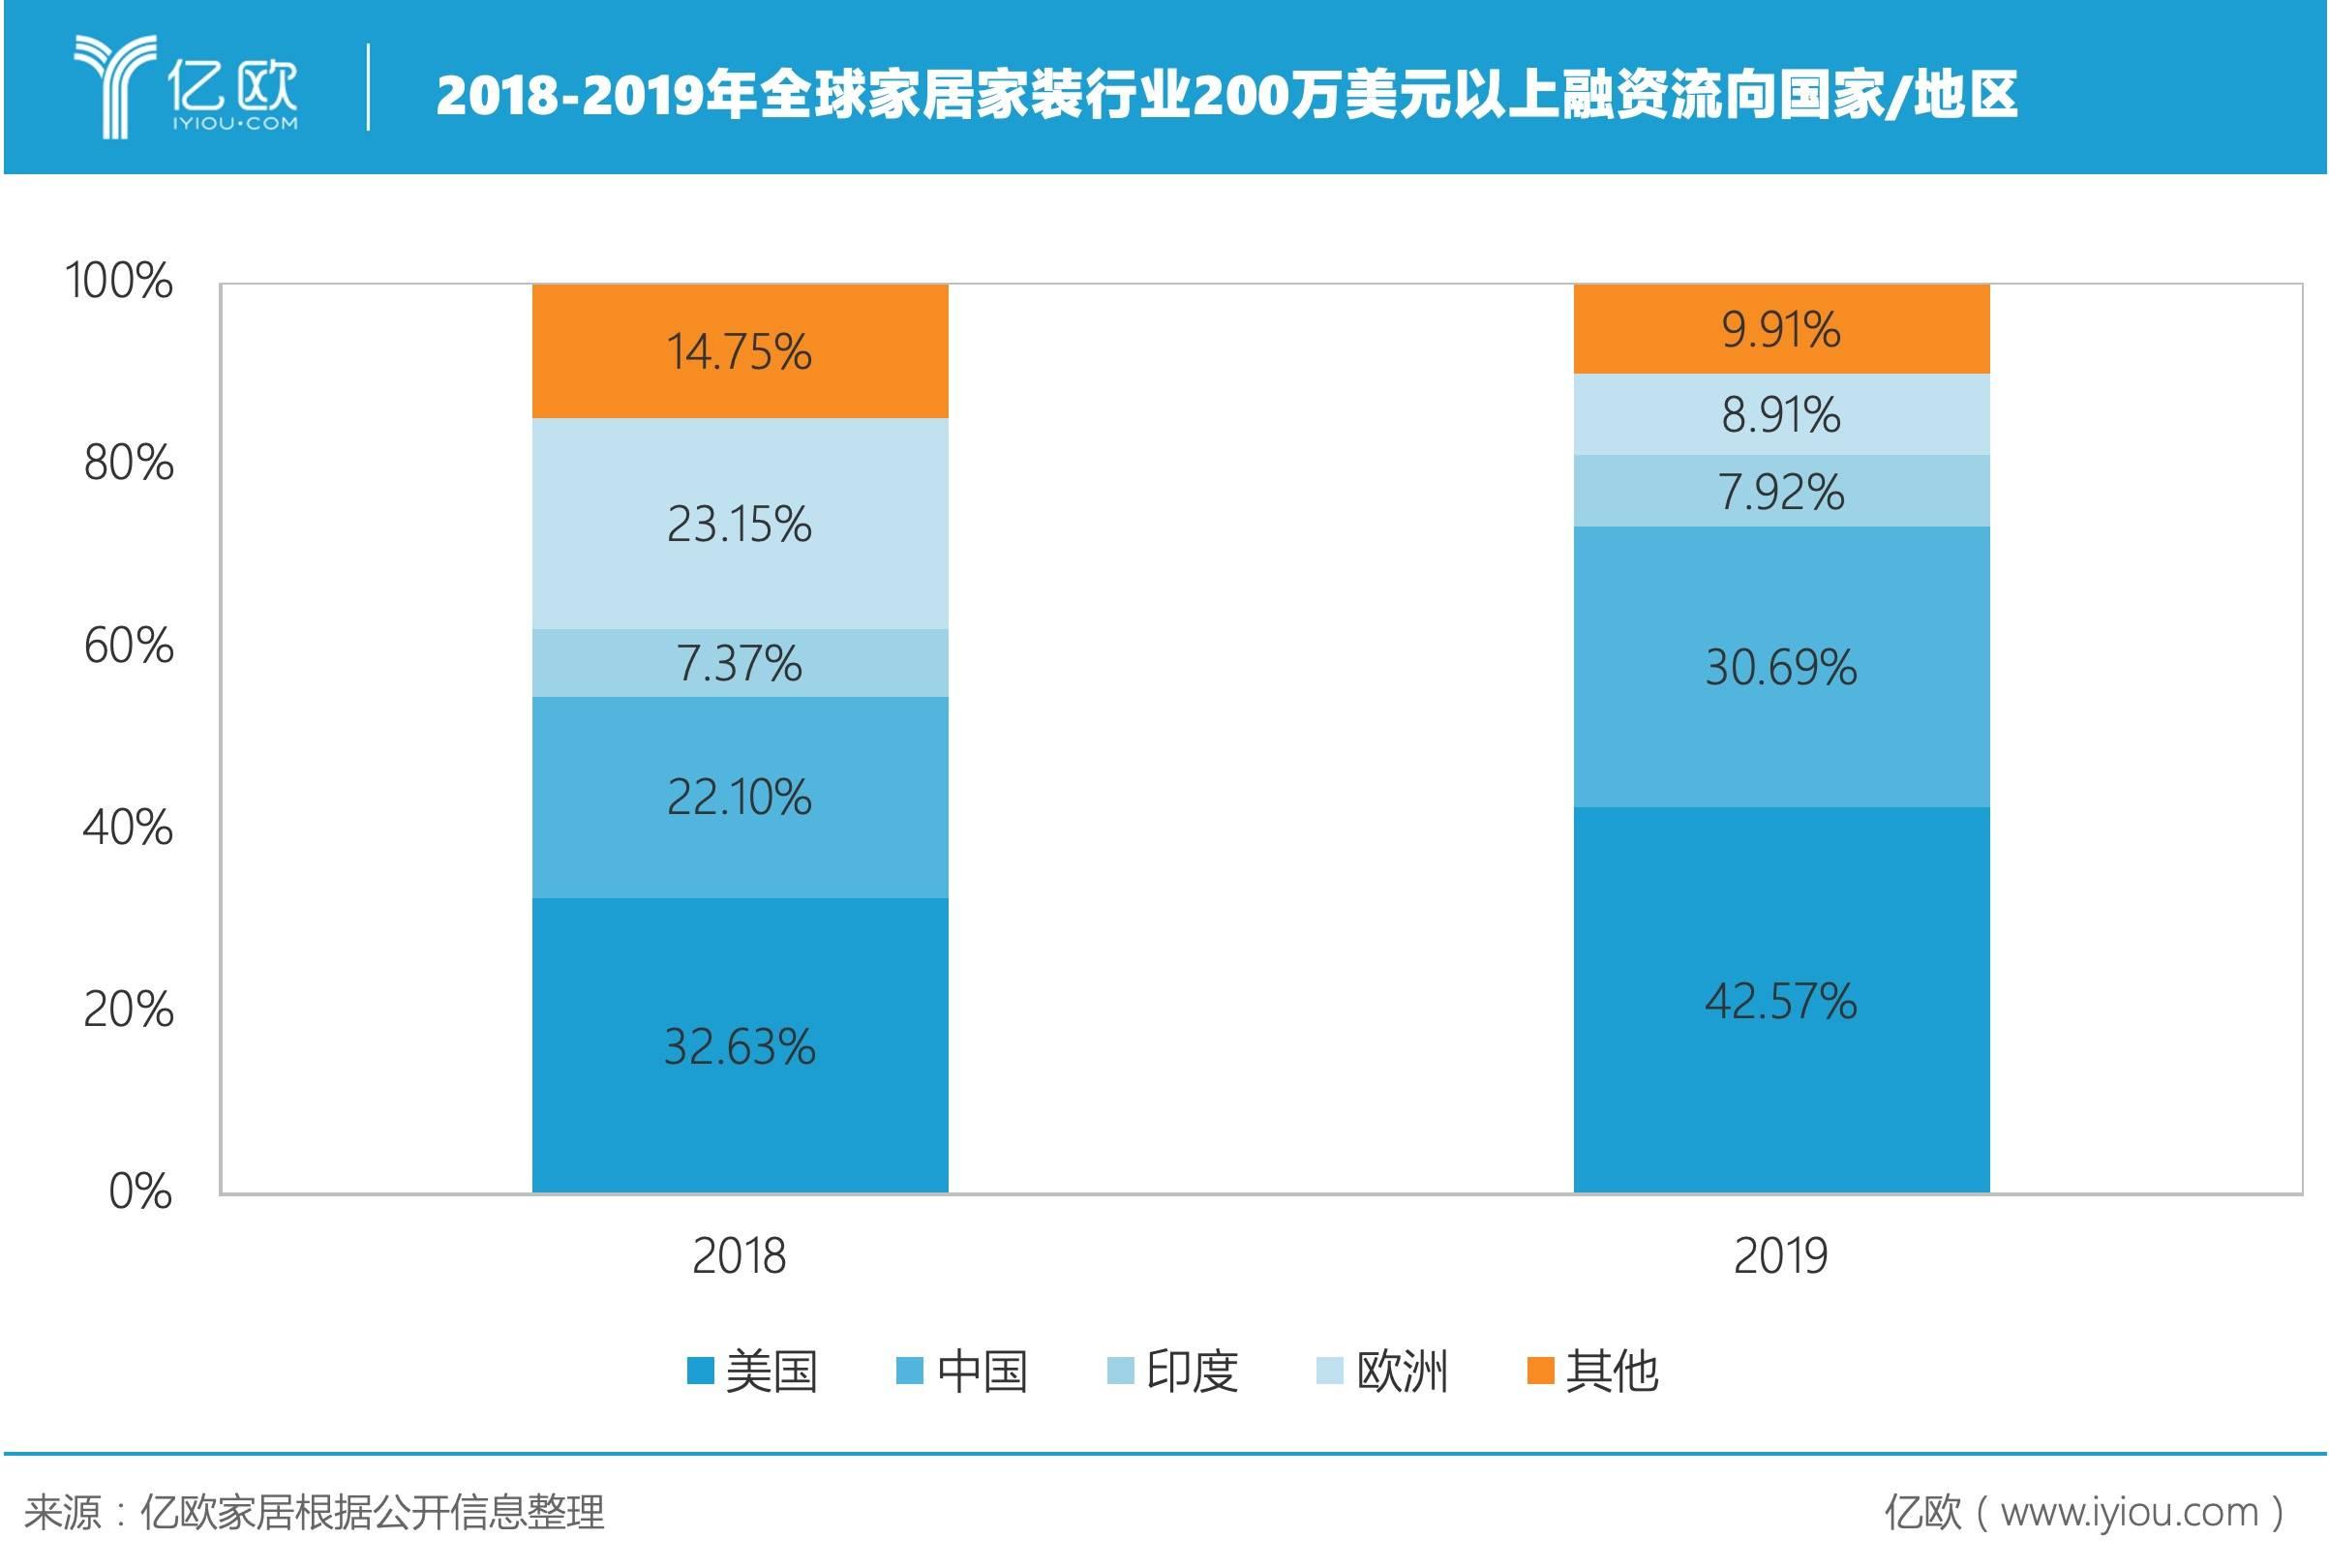 2019年全球家居家装行业200万美元以上融资流向国家/地区